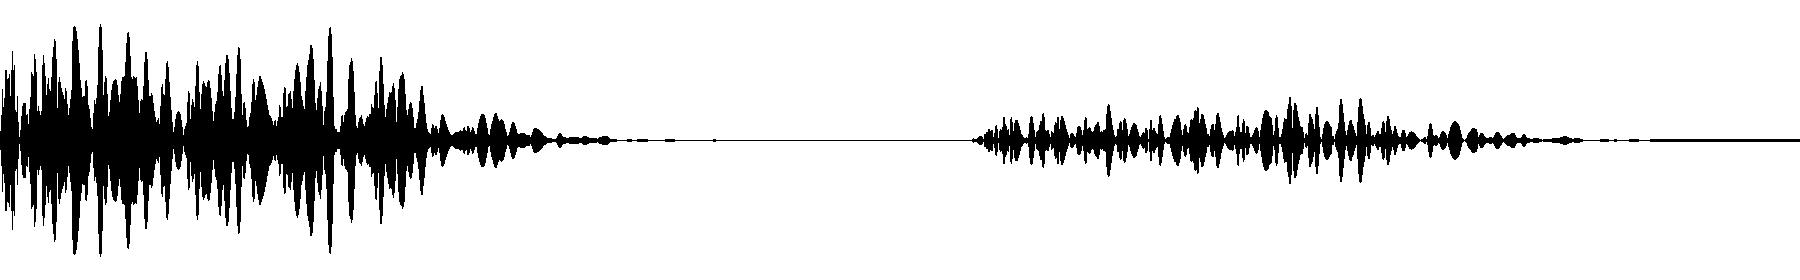 vedh synth cut 202 fm